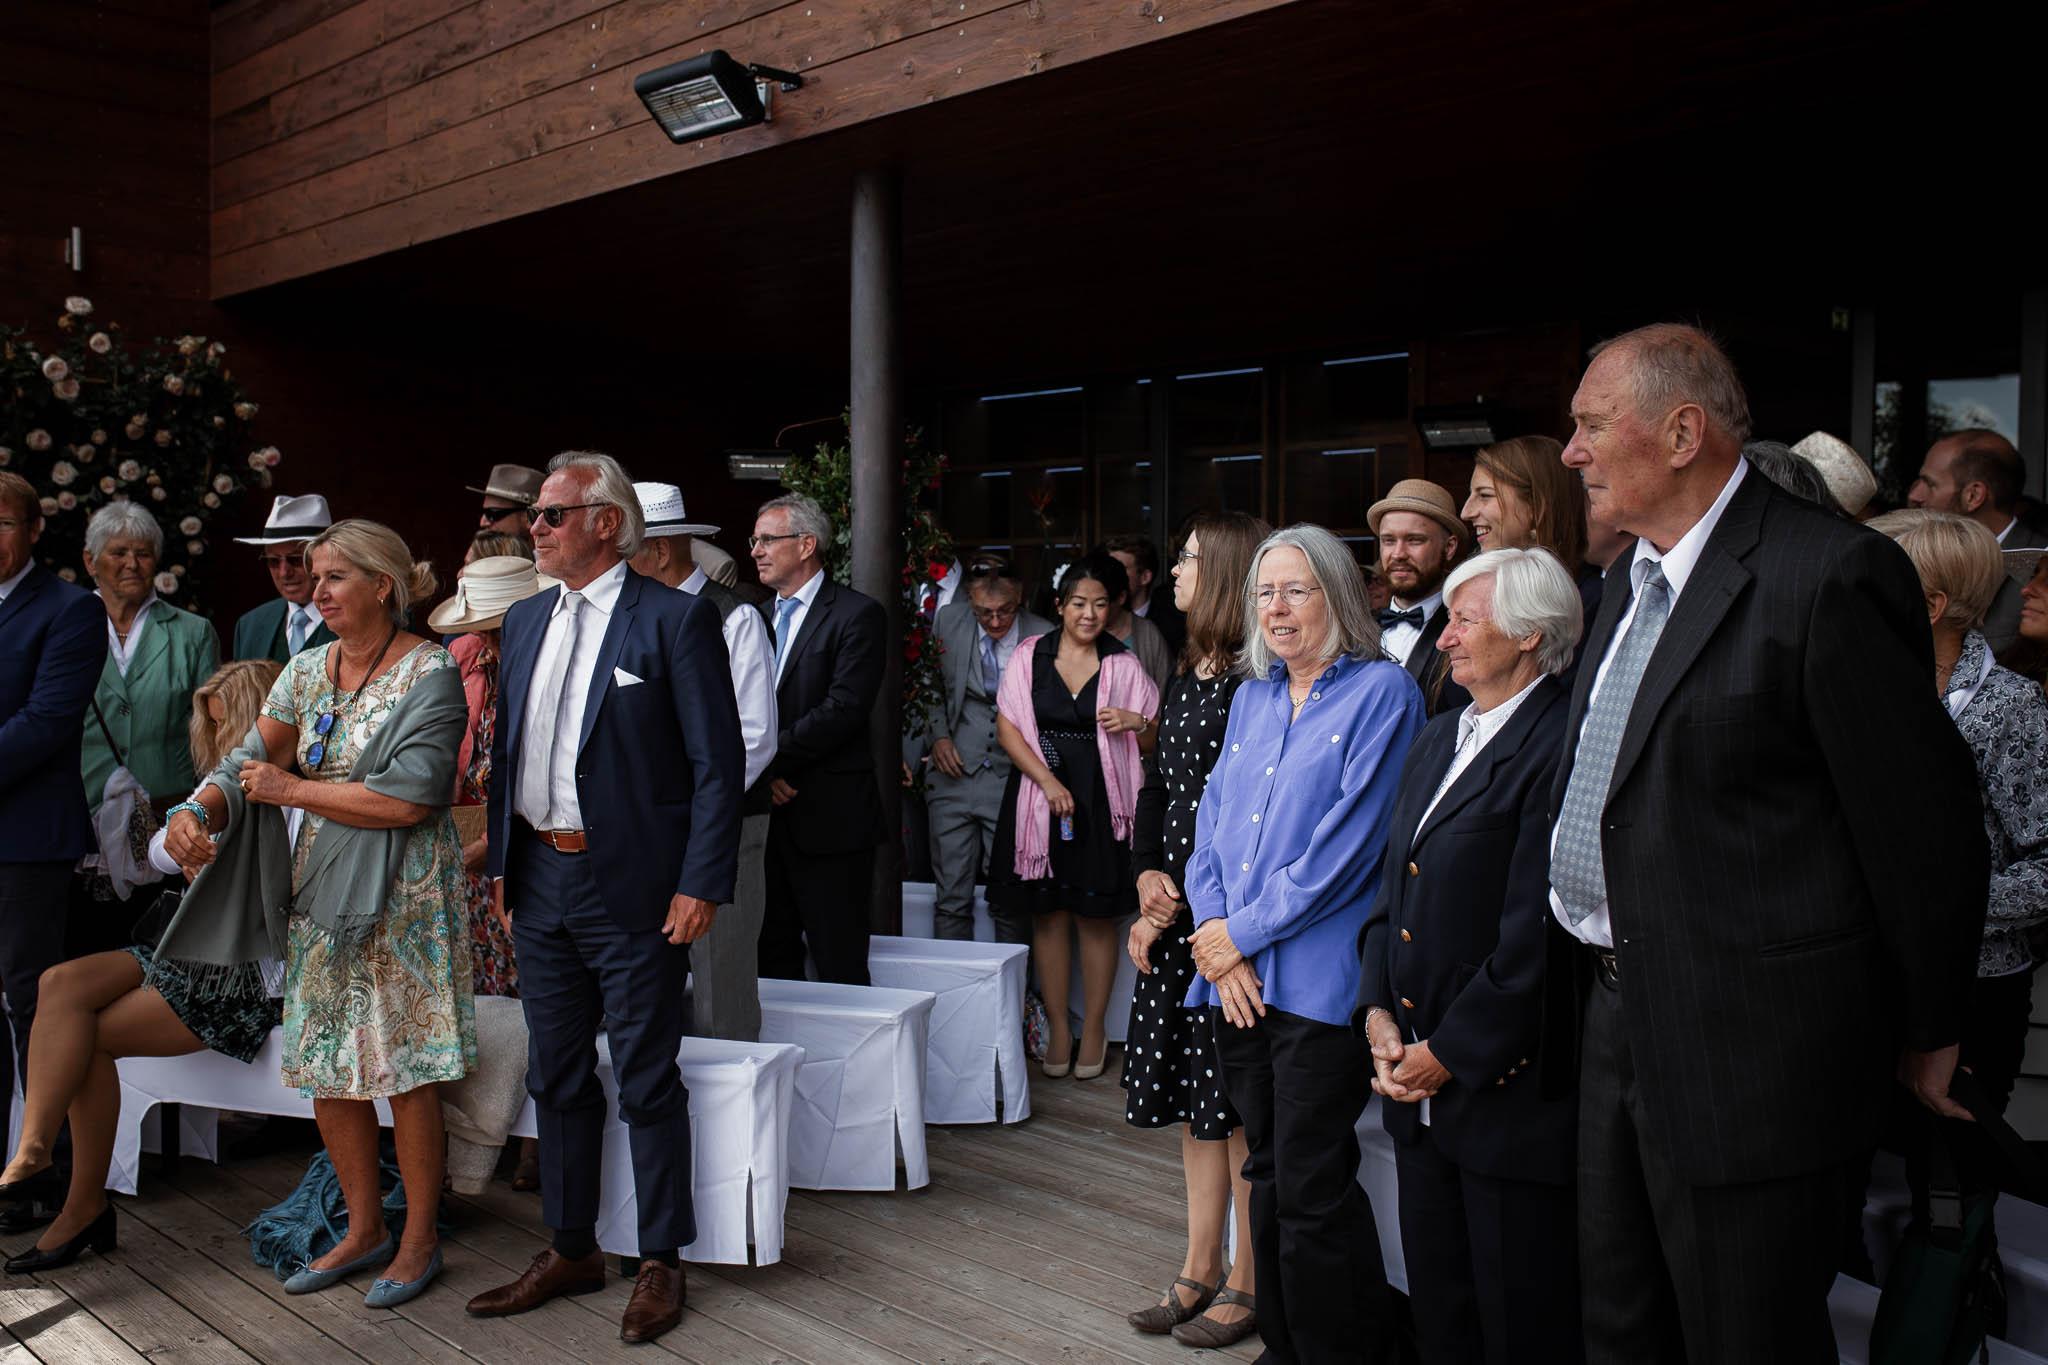 Hochzeitsfotograf Alpen, Chiemgau: freie Trauung von Dennis & Dirk 19